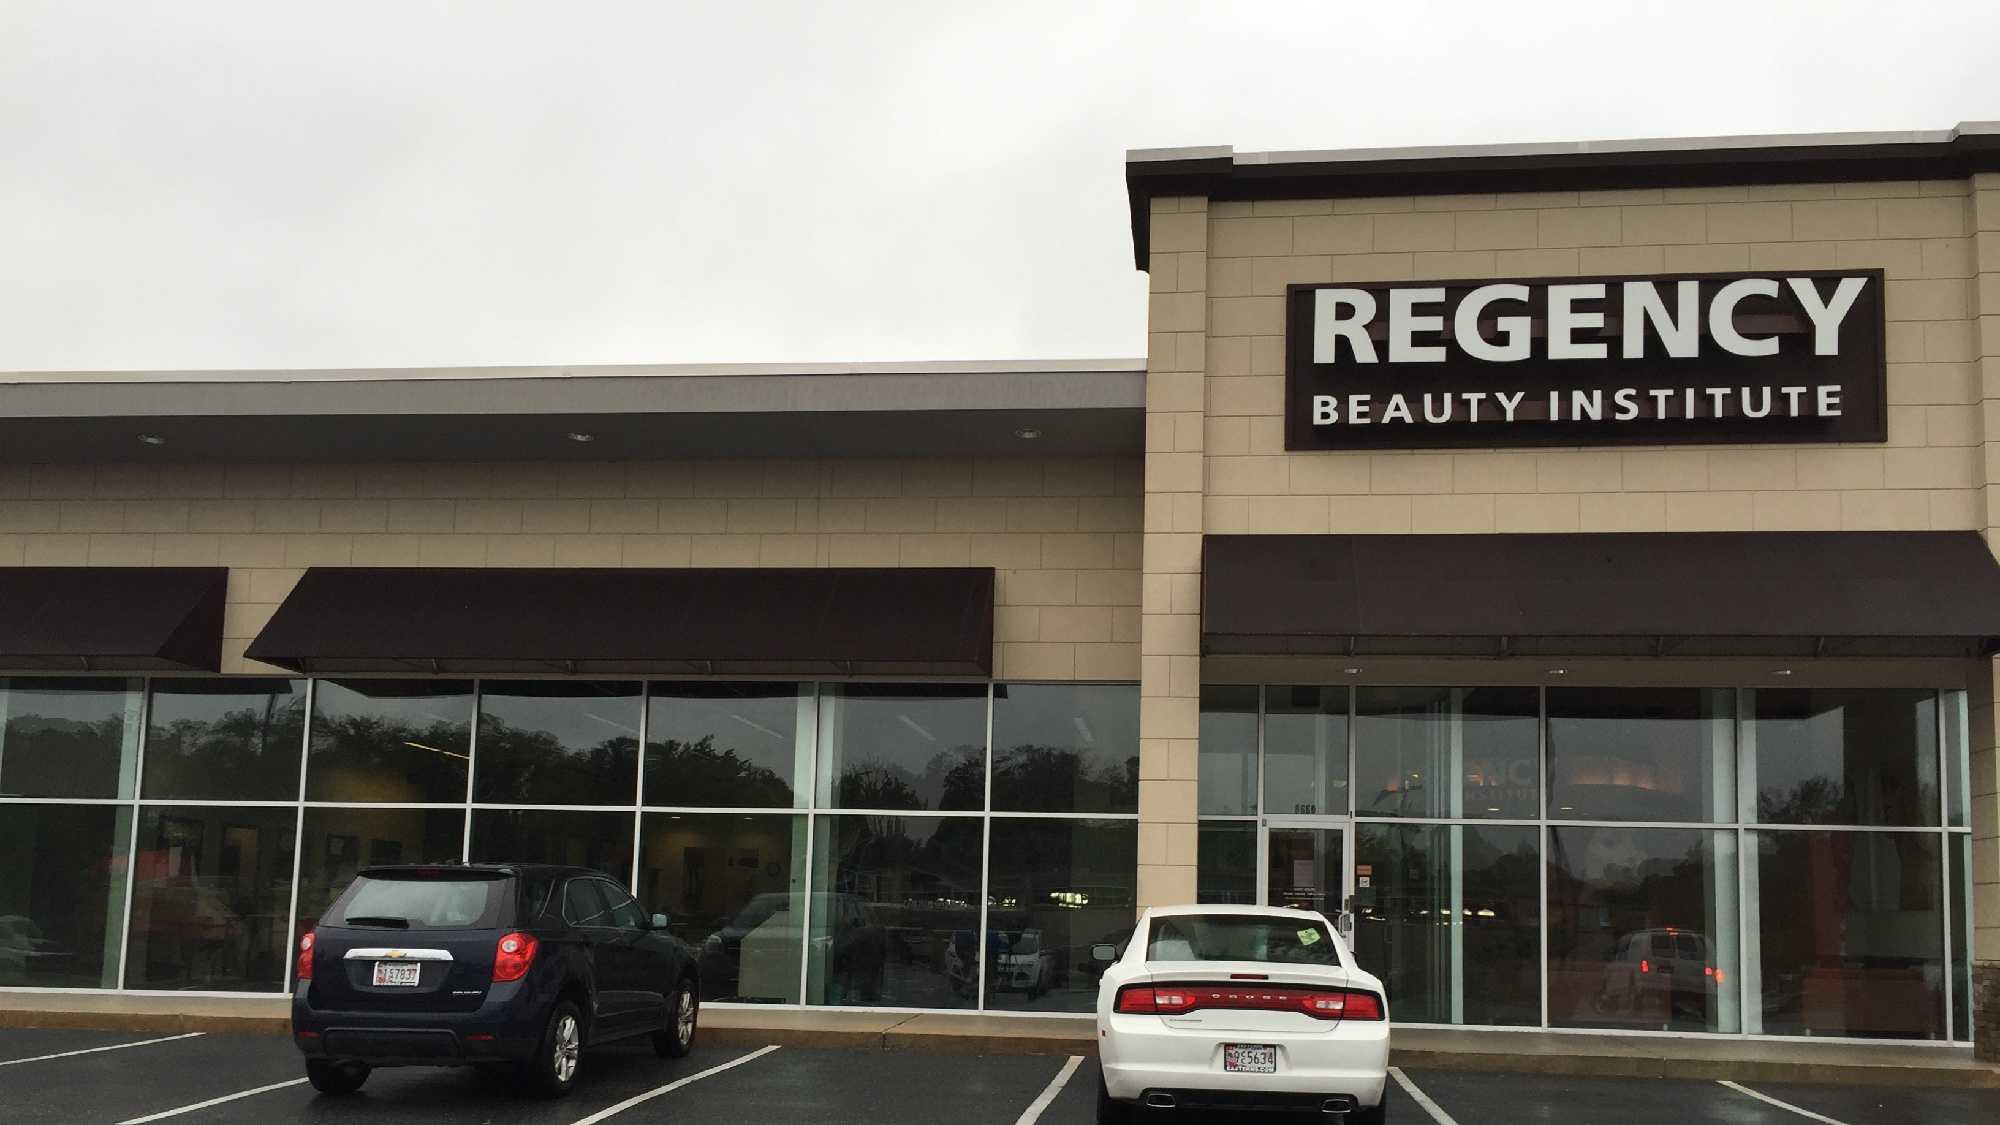 Regency Beauty Institute closed